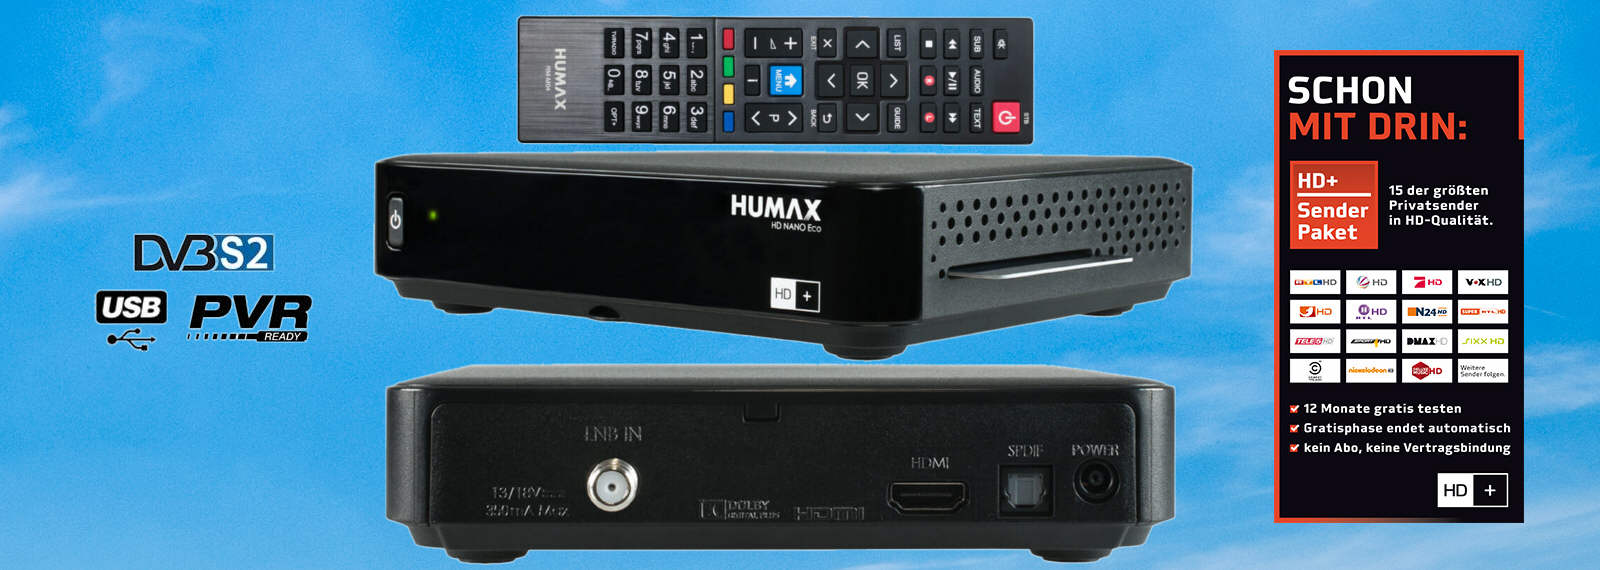 HUMAX HD Nano Eco 12 Monate HD+ Karte